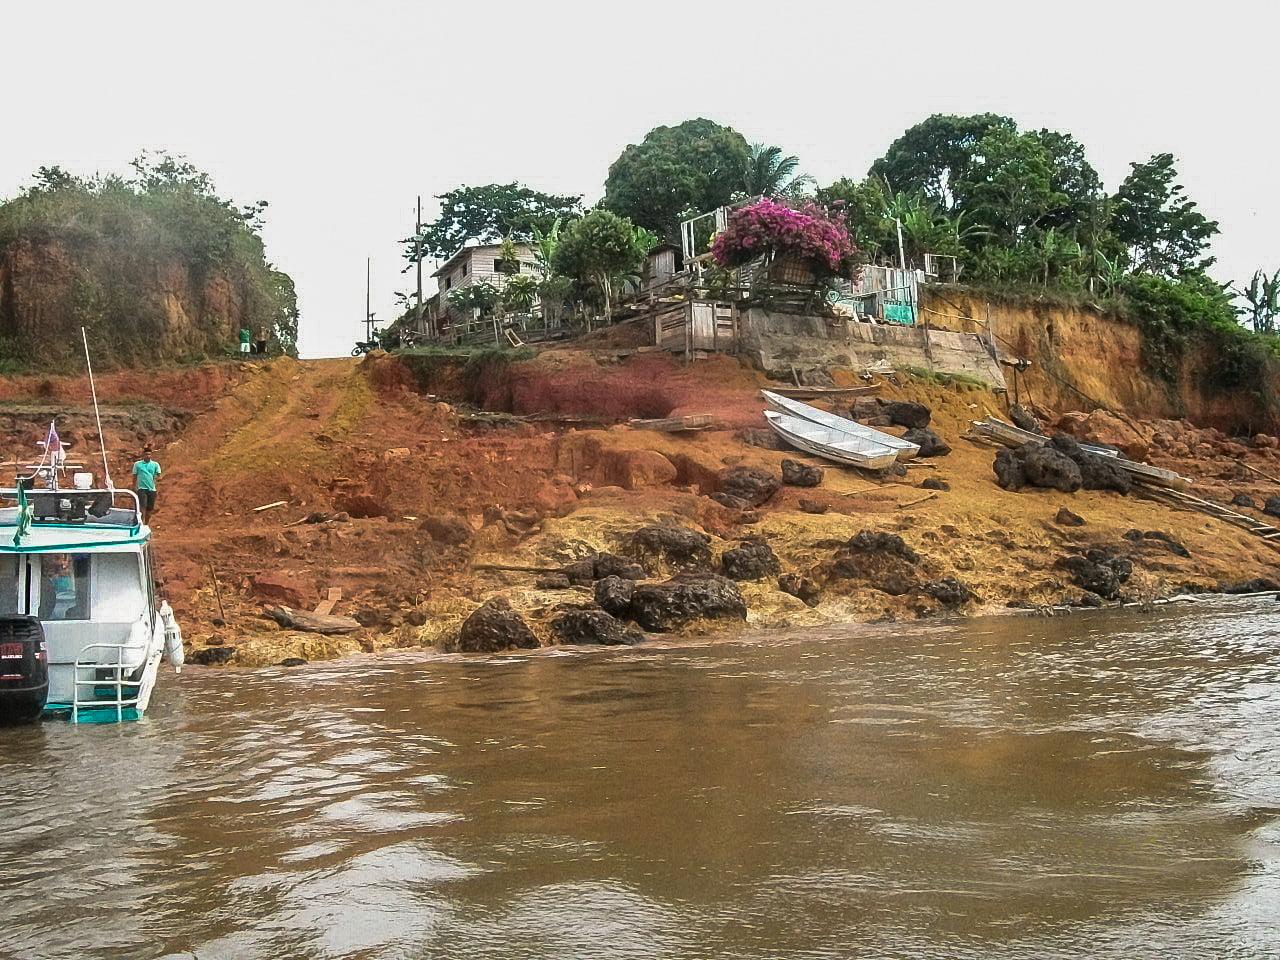 Governo do Amazonas construirá porto na comunidade do Itaubal, em Itacoatiara